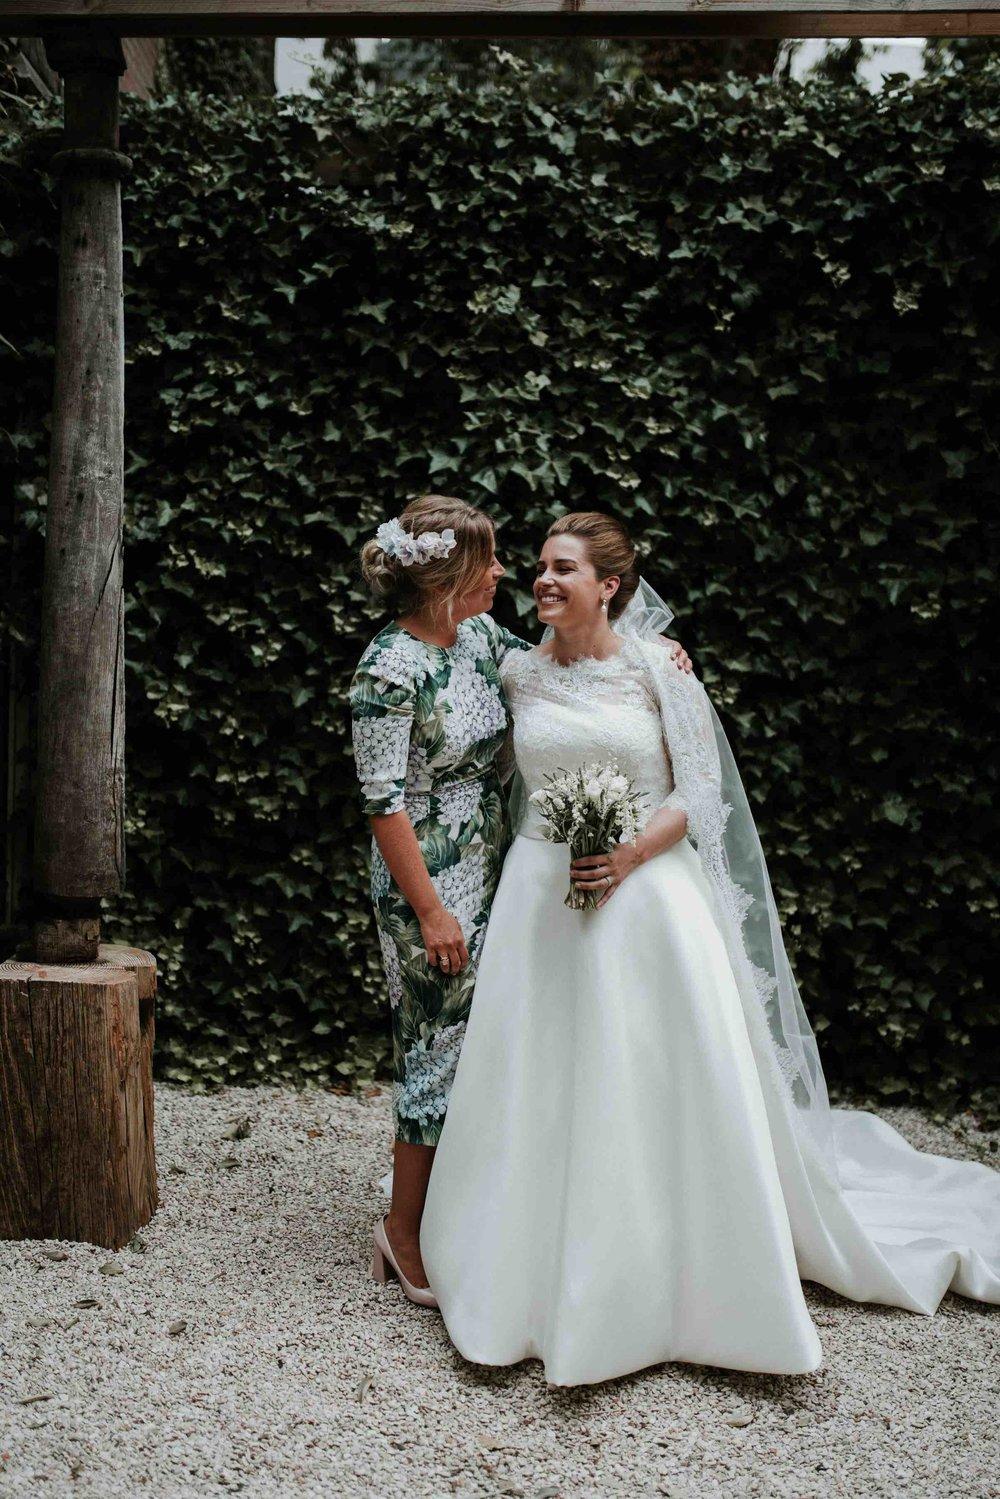 Charlotte & the bride